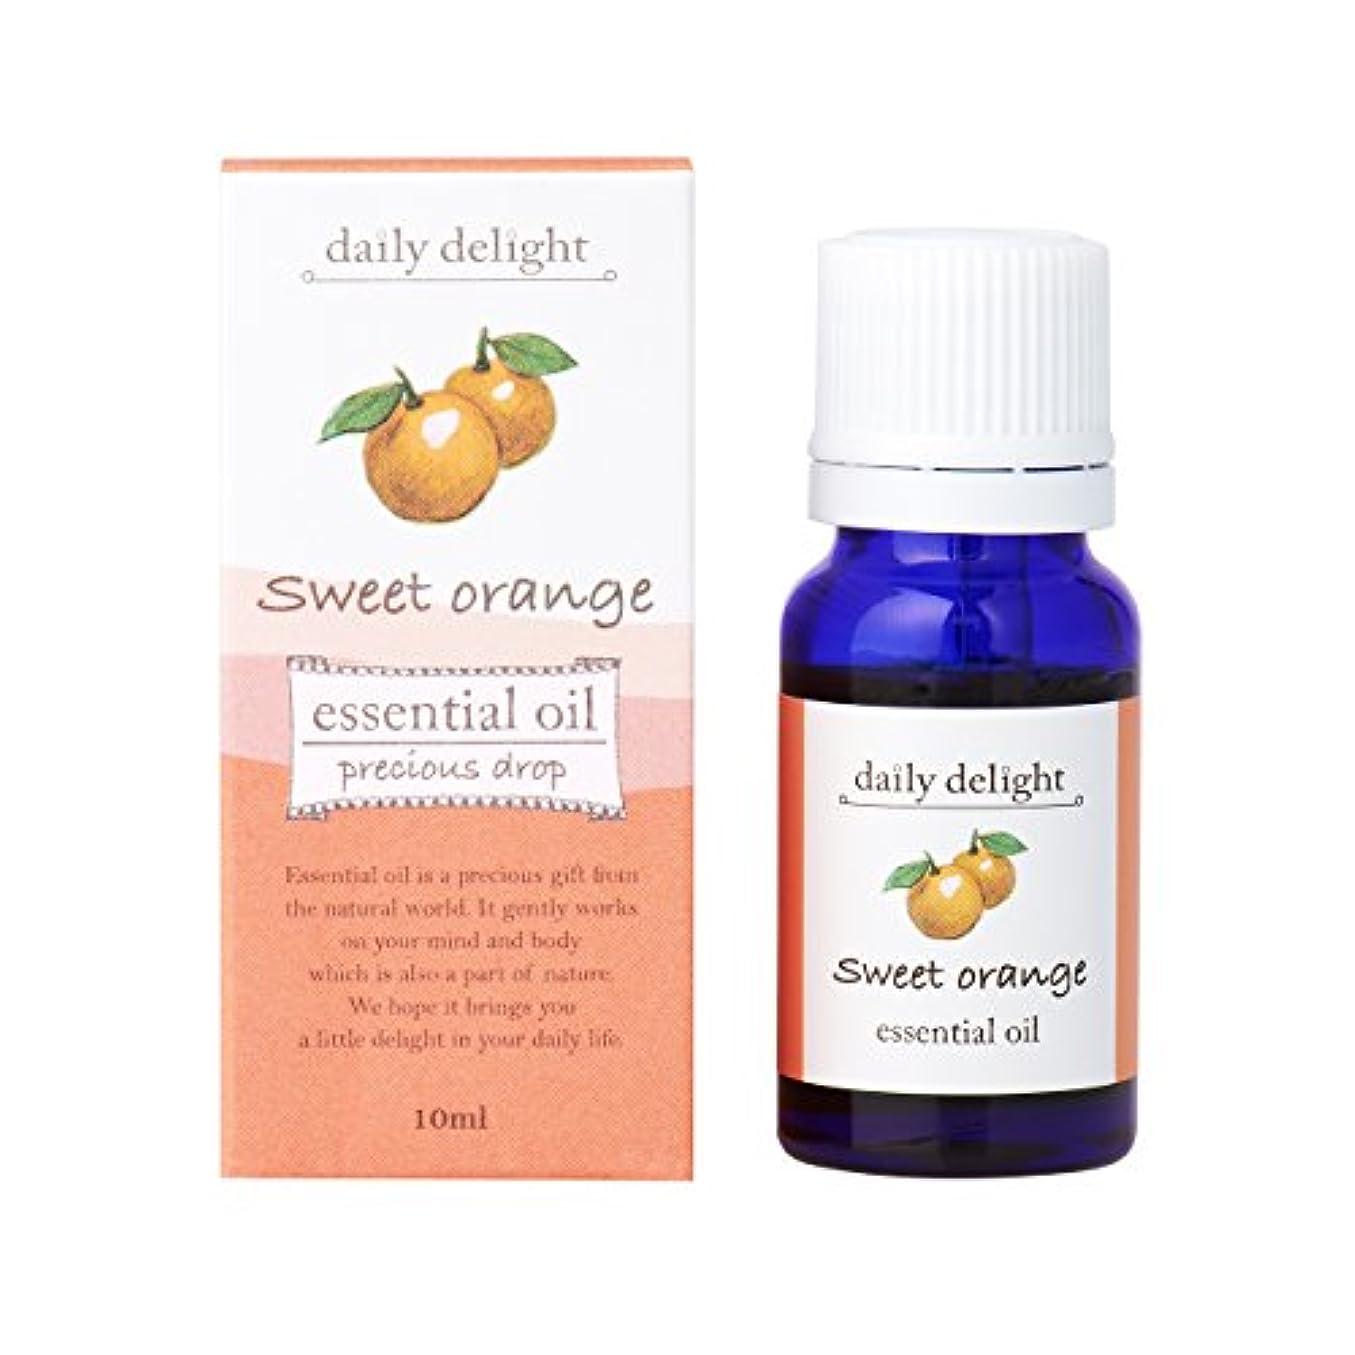 微生物浴ボイドデイリーディライト エッセンシャルオイル  スイートオレンジ 10ml(天然100% 精油 アロマ 柑橘系 フルーティで甘く爽やかな香り)